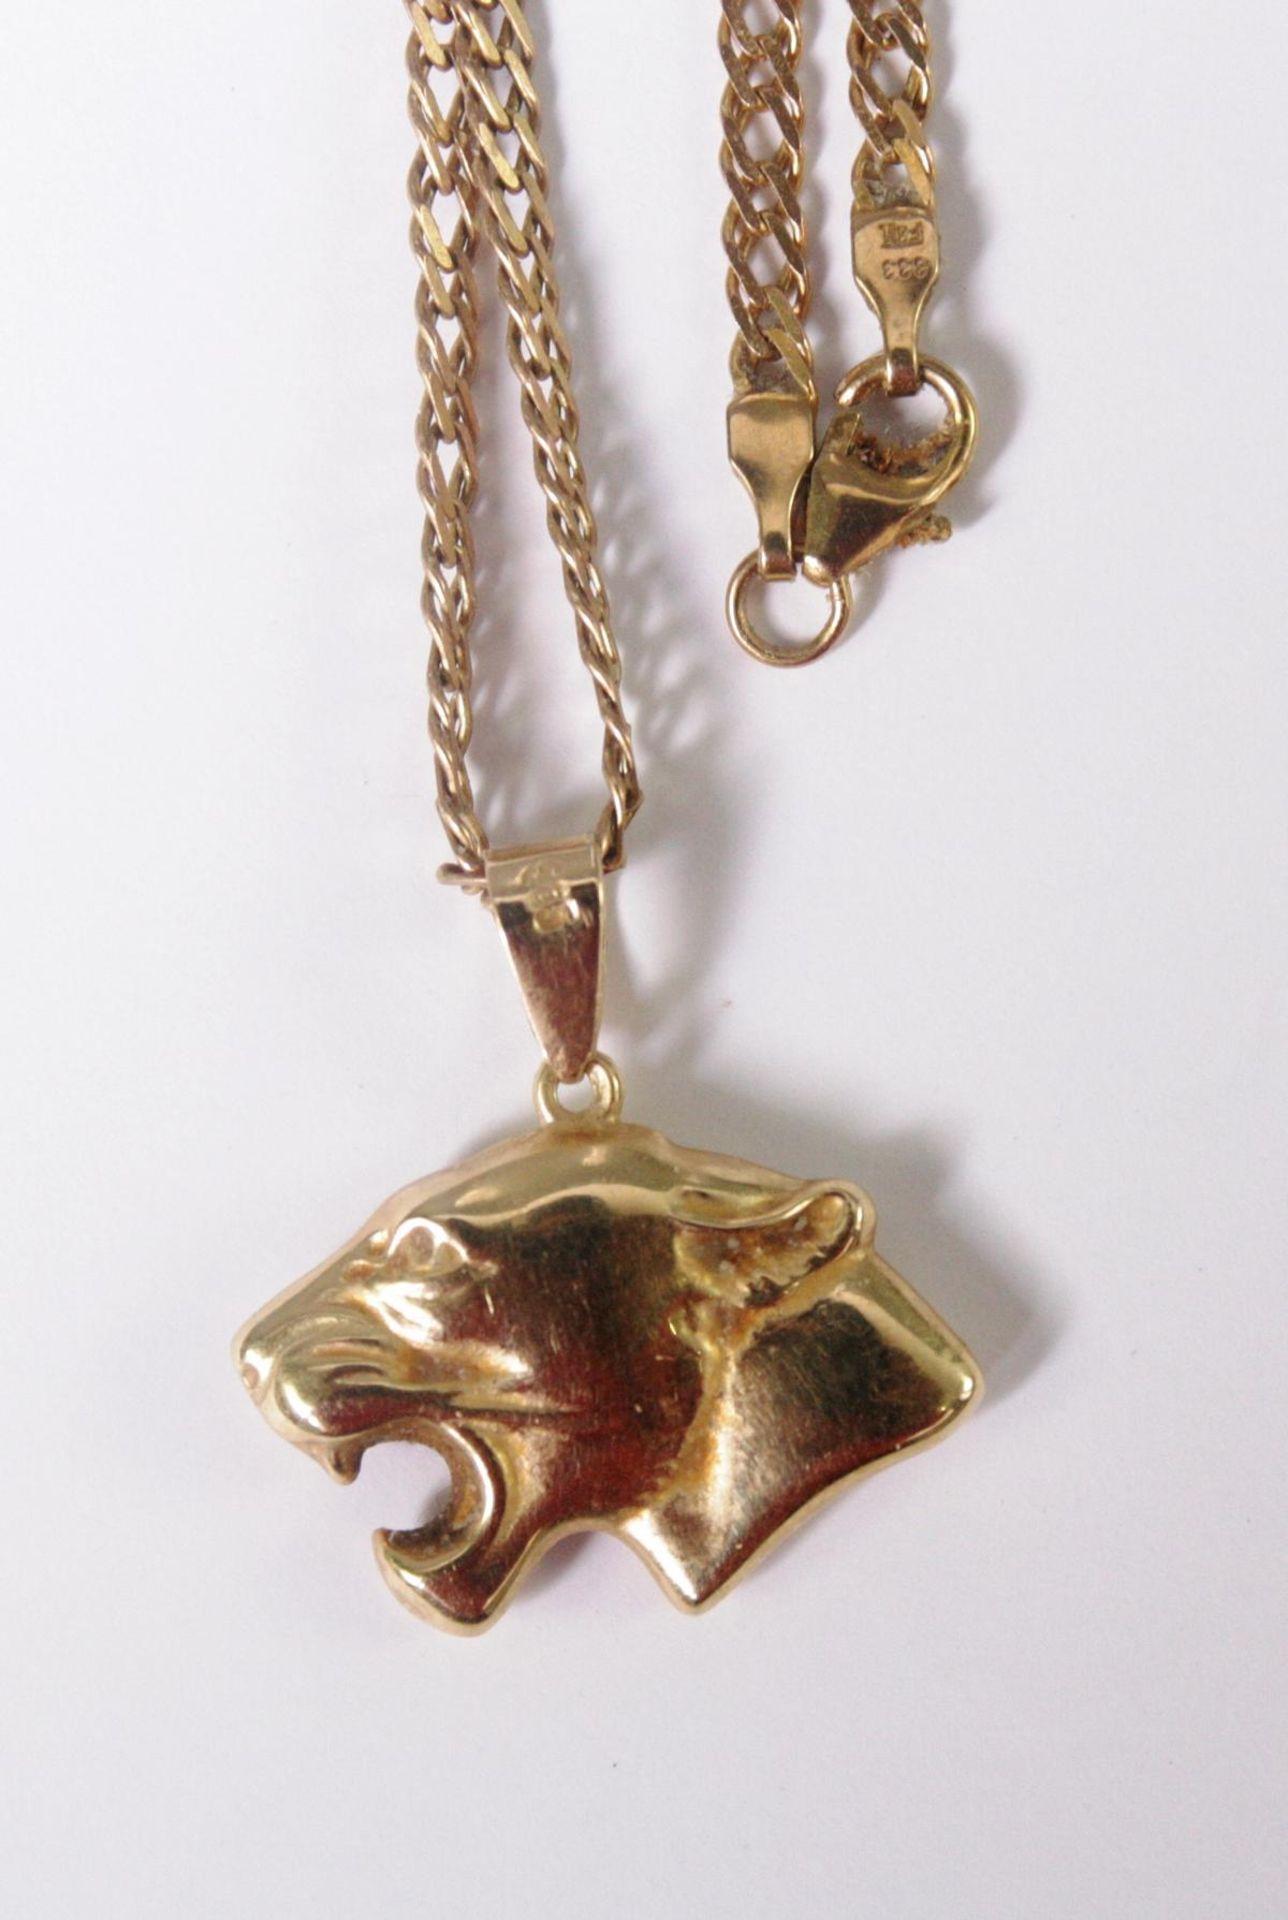 Halskette aus 8 Karat Gelbgold mit Tigeranhänger aus 14 Karat Gelbgold - Bild 3 aus 3